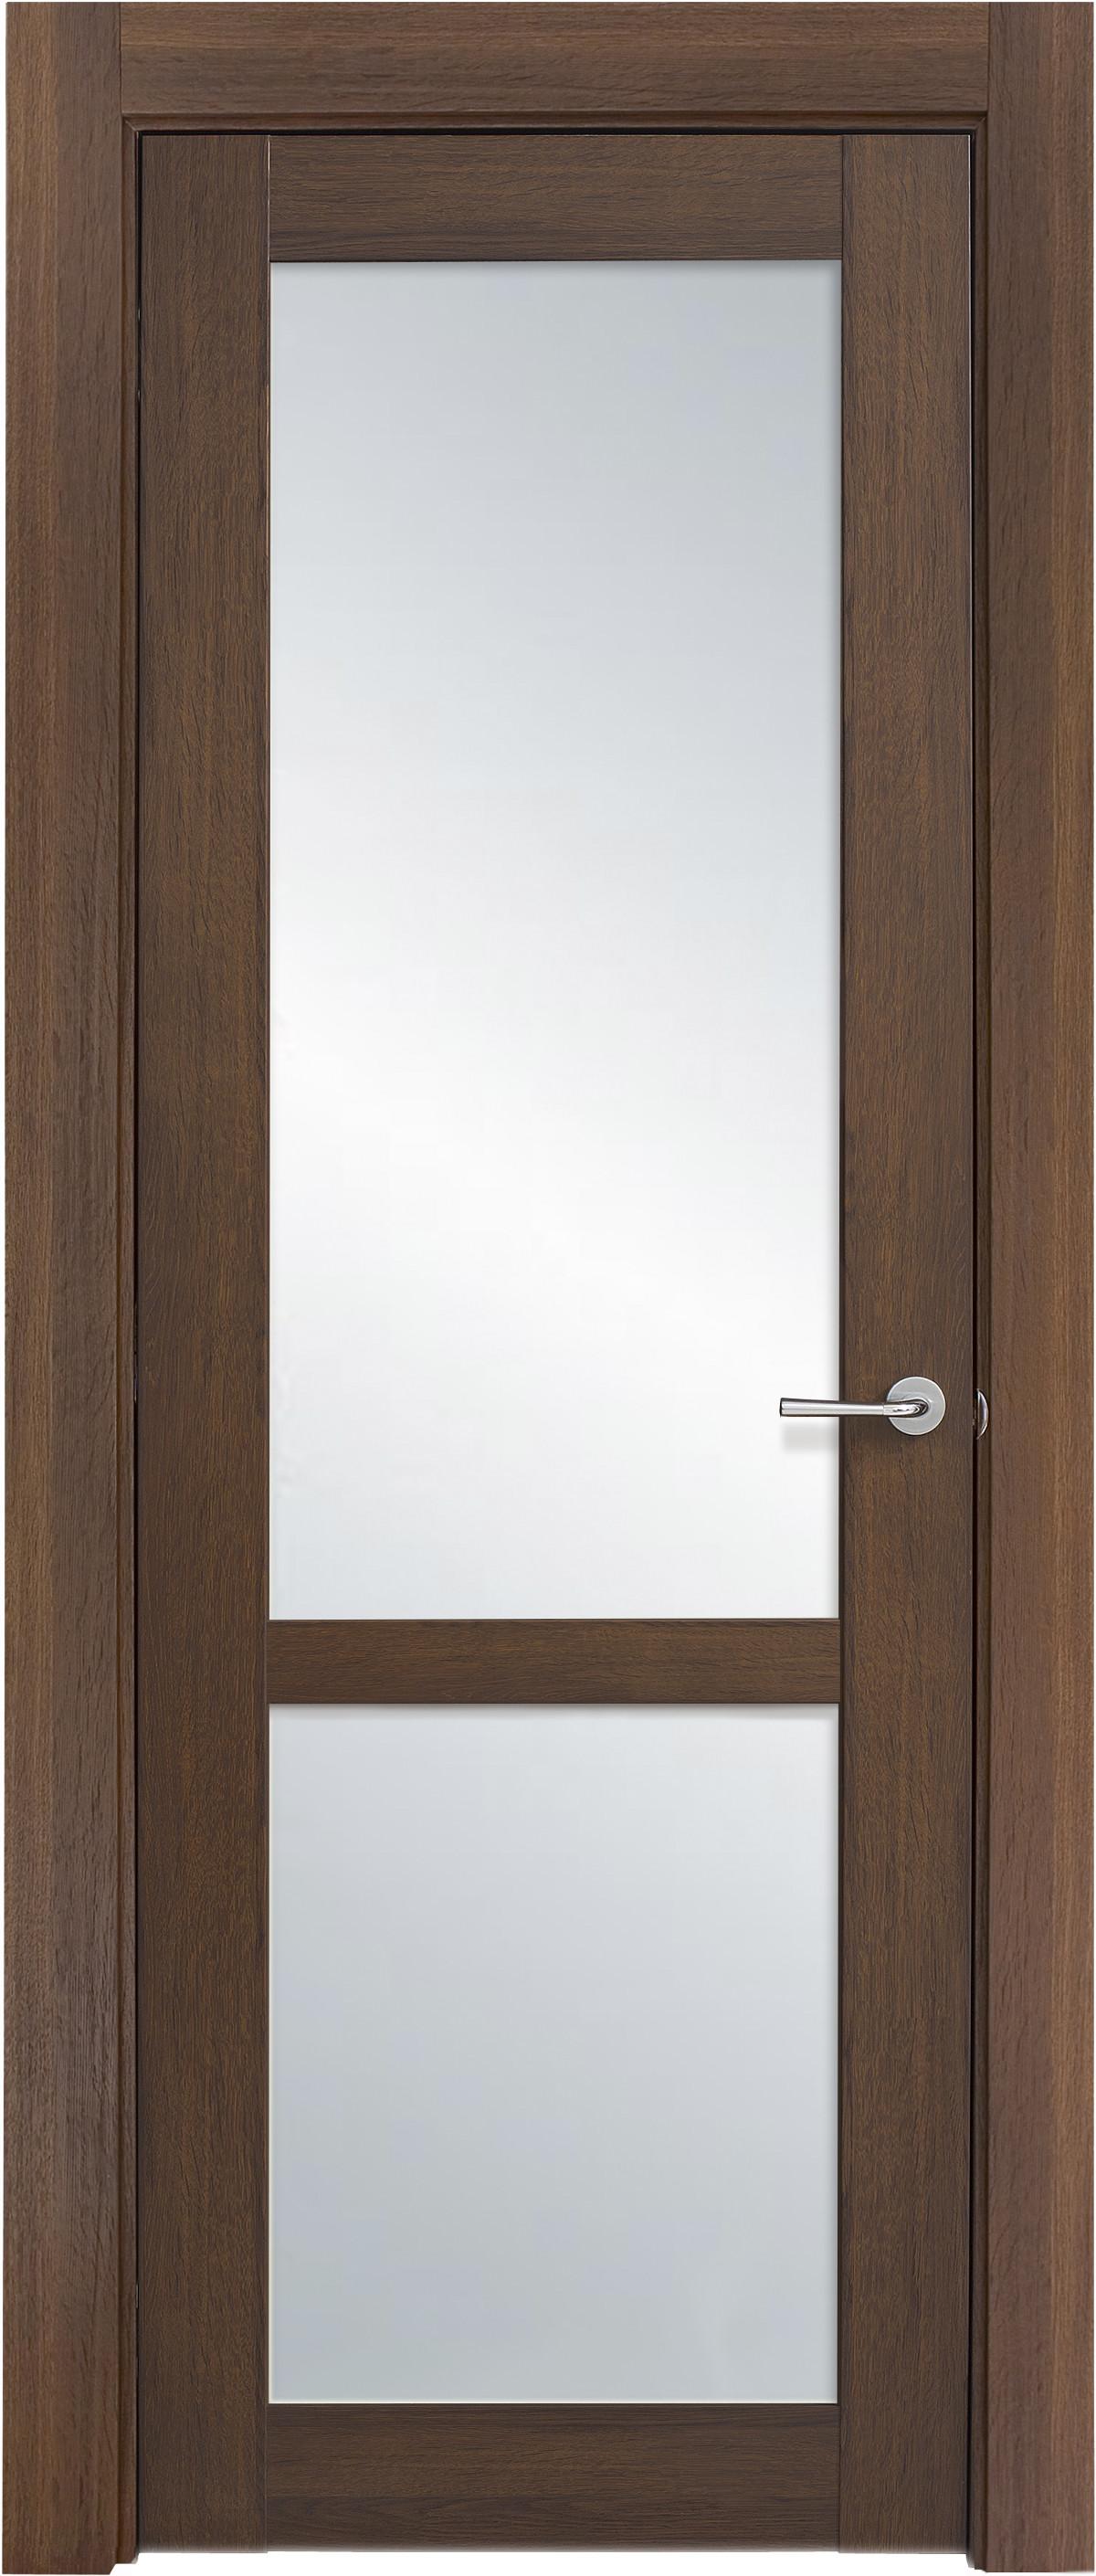 Межкомнатная / входная дверь, отделка: экошпон ГРЕЧЕСКИЙ ОРЕХ, Solo 2S